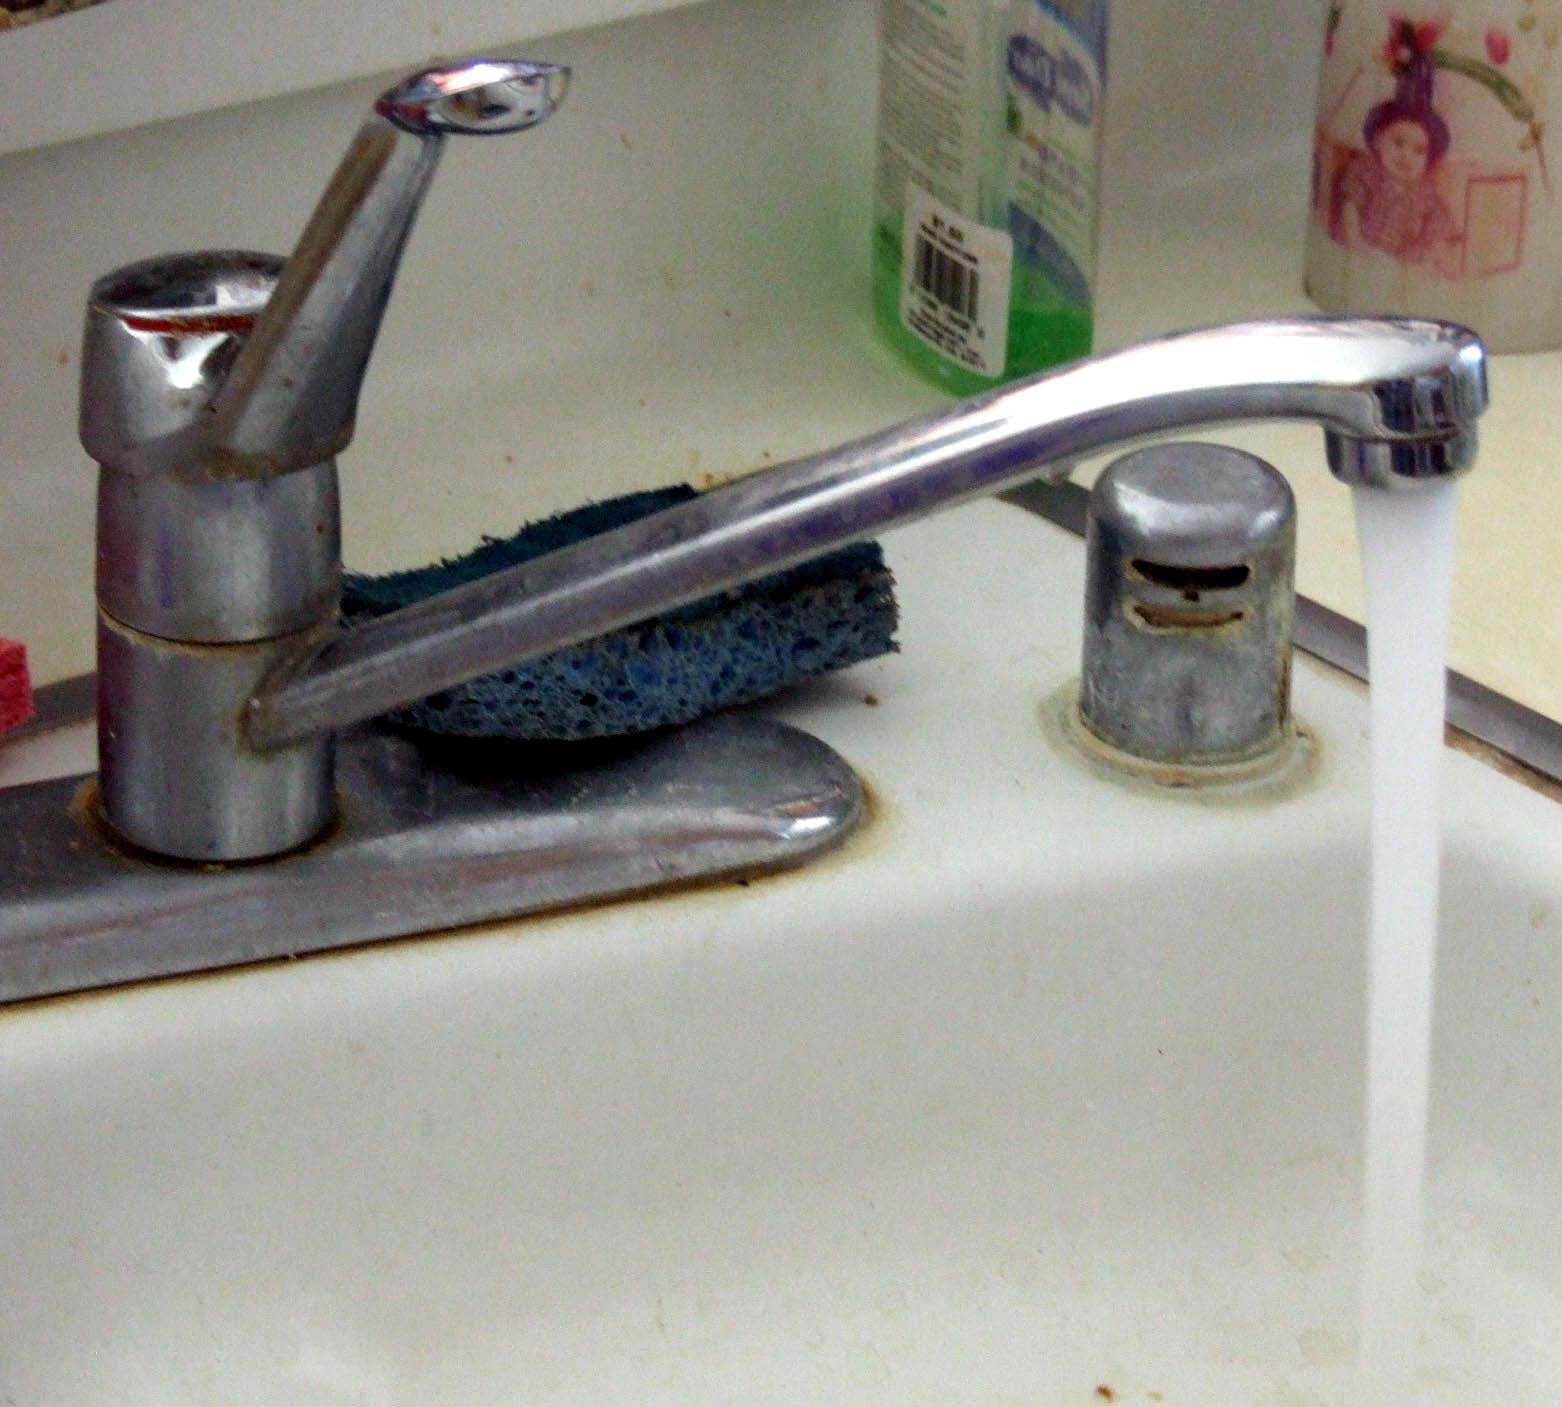 Running Faucet While Brushing Teeth